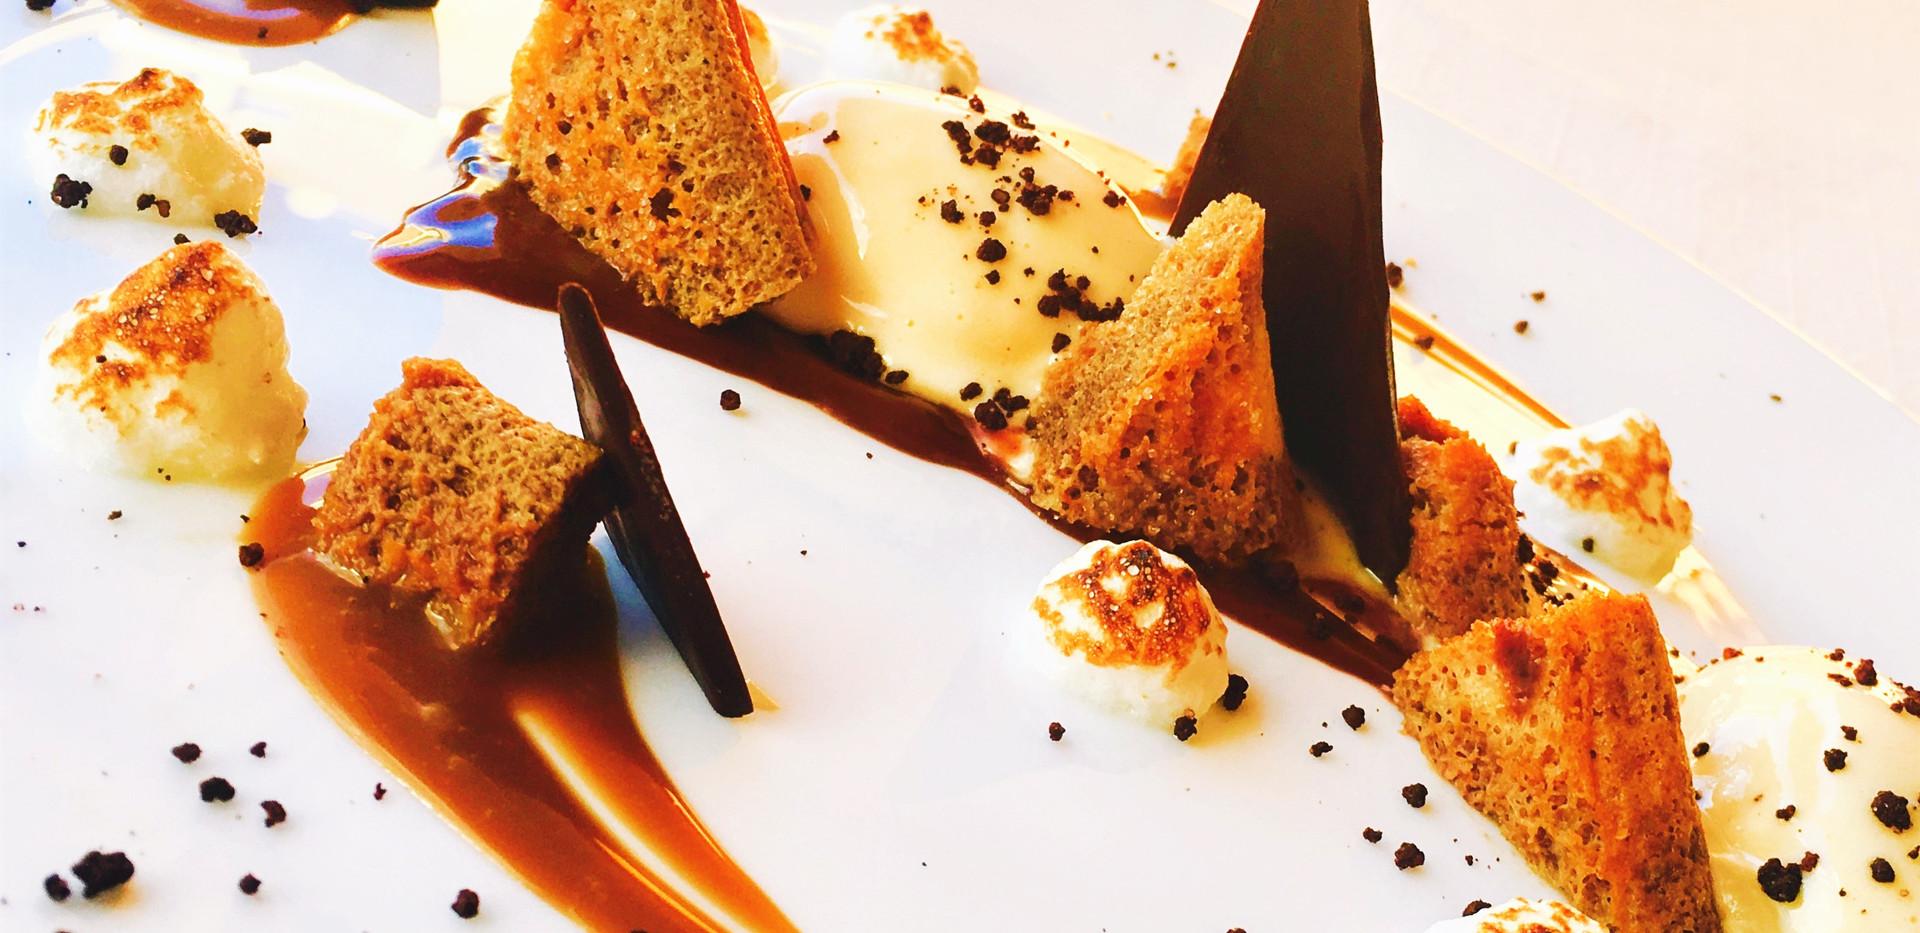 Mousse al mascarpone, caramello al cioccolato fondente e savoiardi al caffè